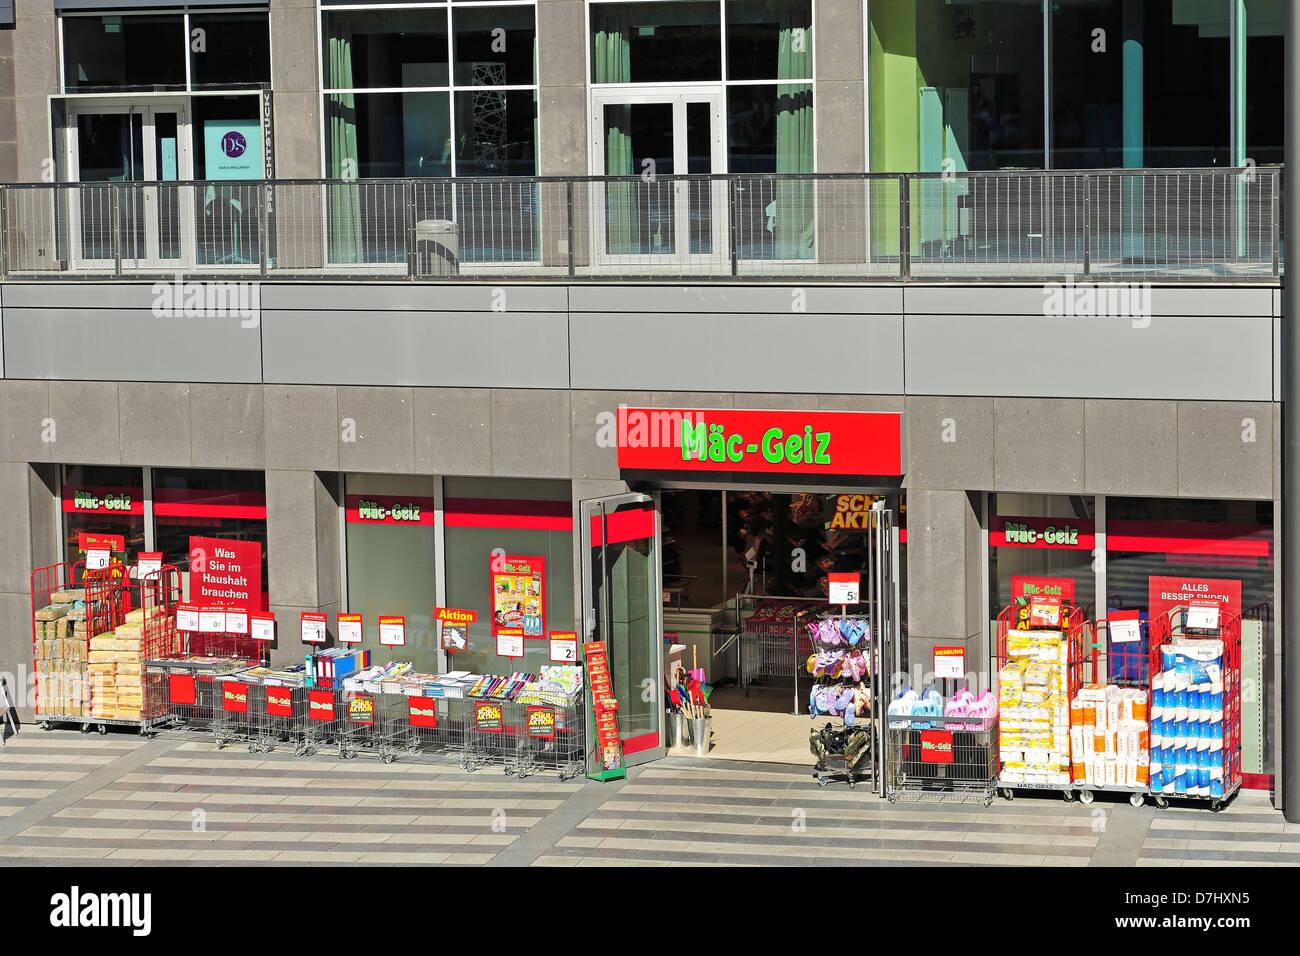 Unternehmen Firmenschilder Namen Logo Mäc Geiz Stockfoto Bild